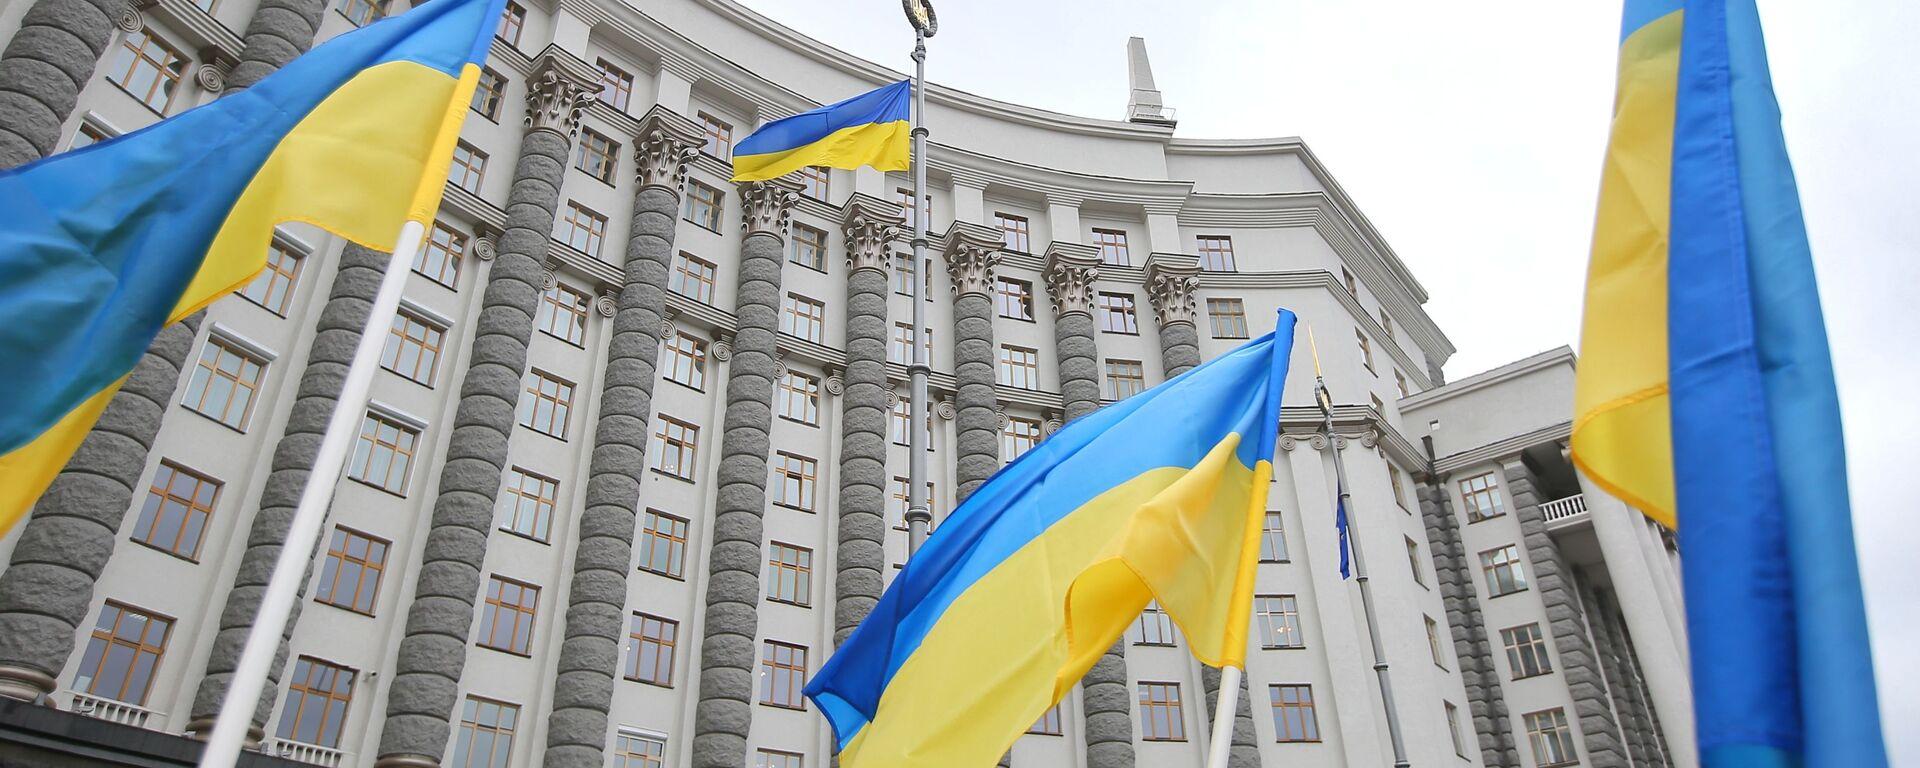 Ukrajinské vlajky u vládní budovy v Kyjevě - Sputnik Česká republika, 1920, 08.06.2021